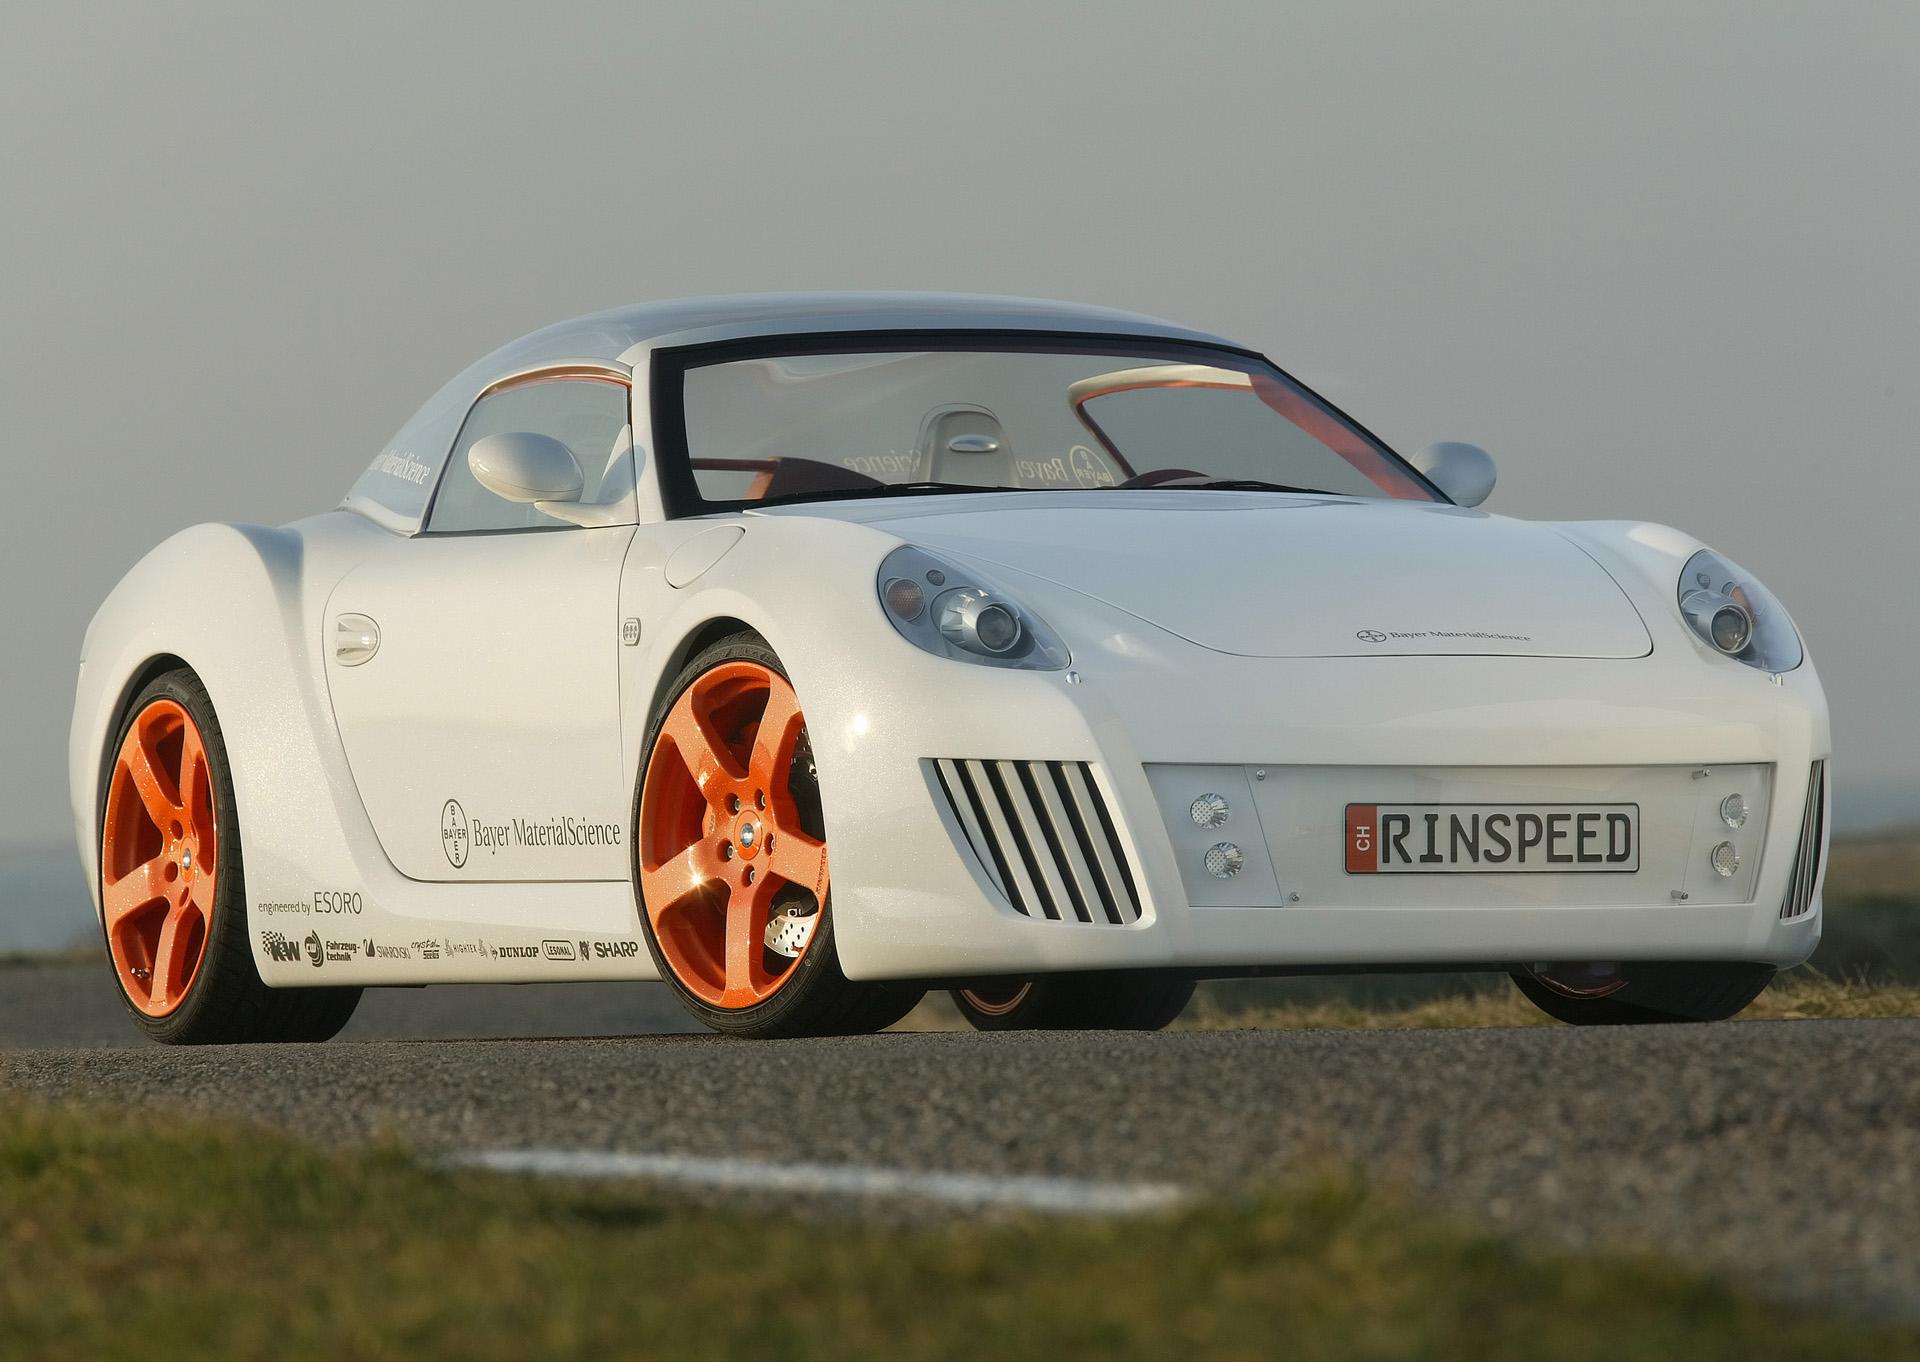 Rinspeed Porsche 911 S zaZen photo #1